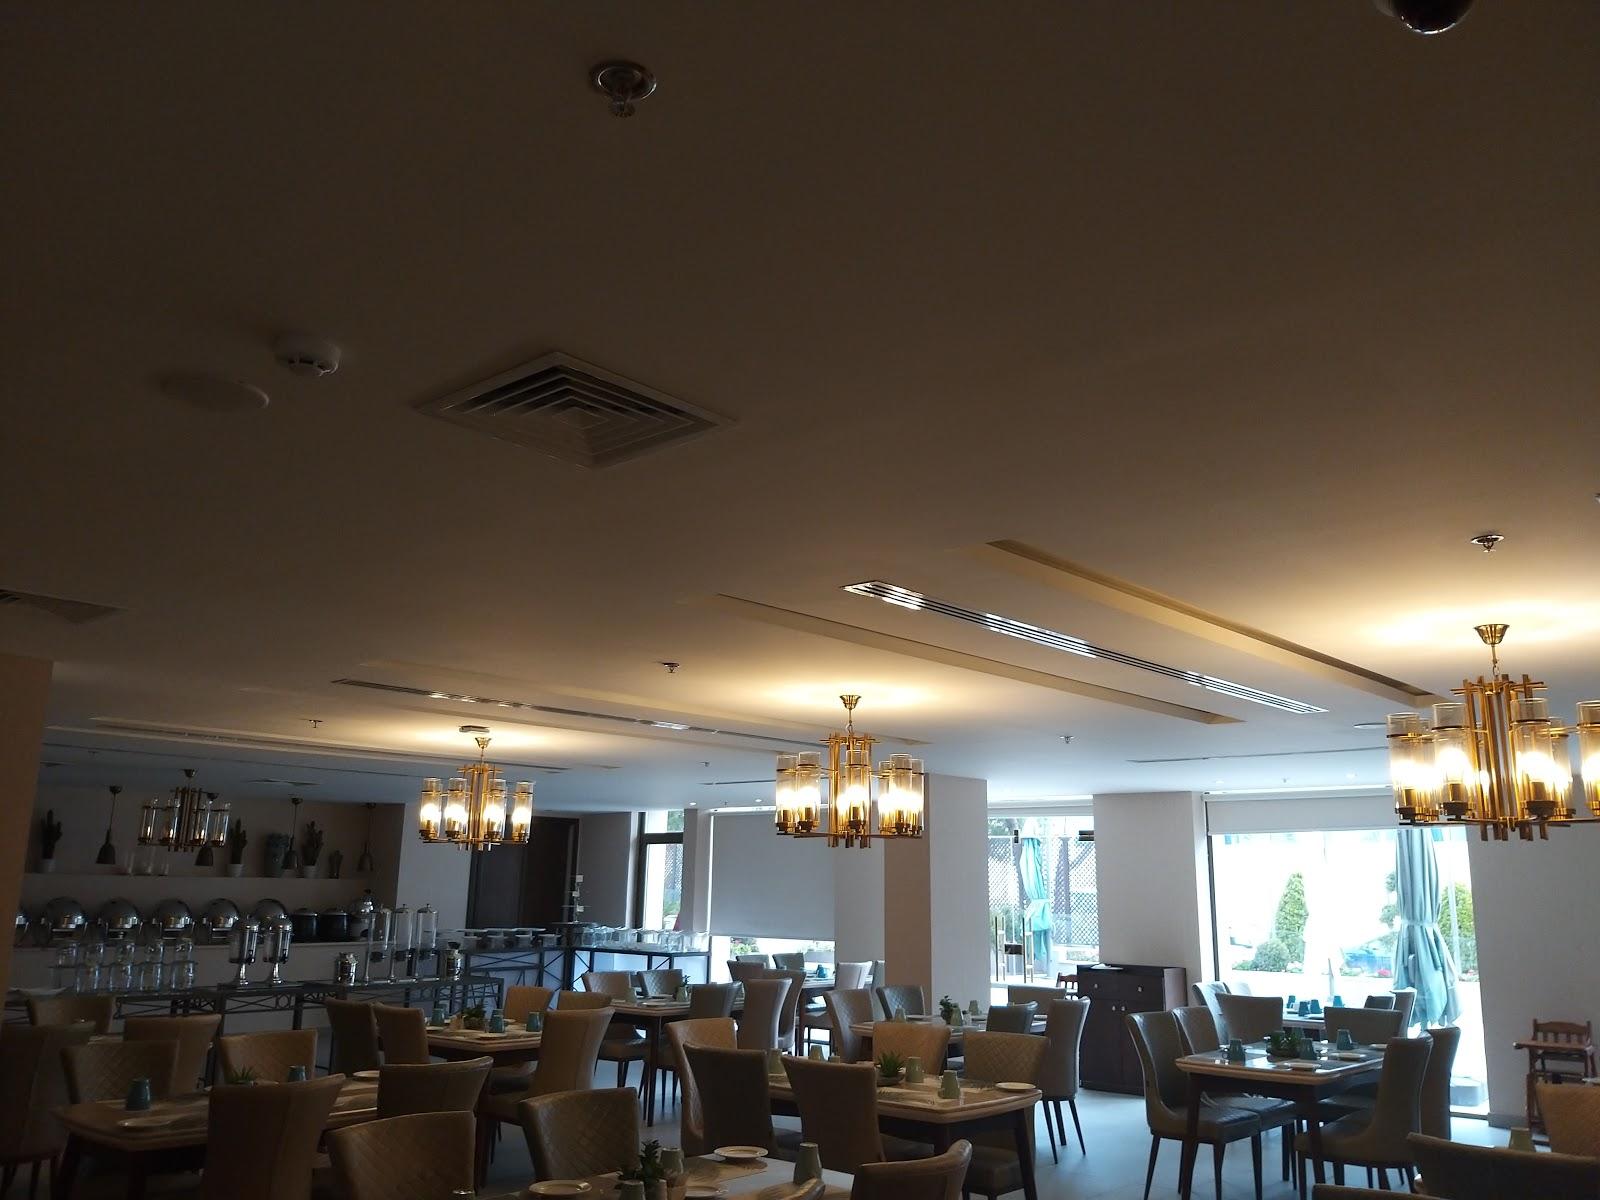 اعمال الديكور في فندق سان روك عمان الاردن من تنفيذ شركة ارابيسك